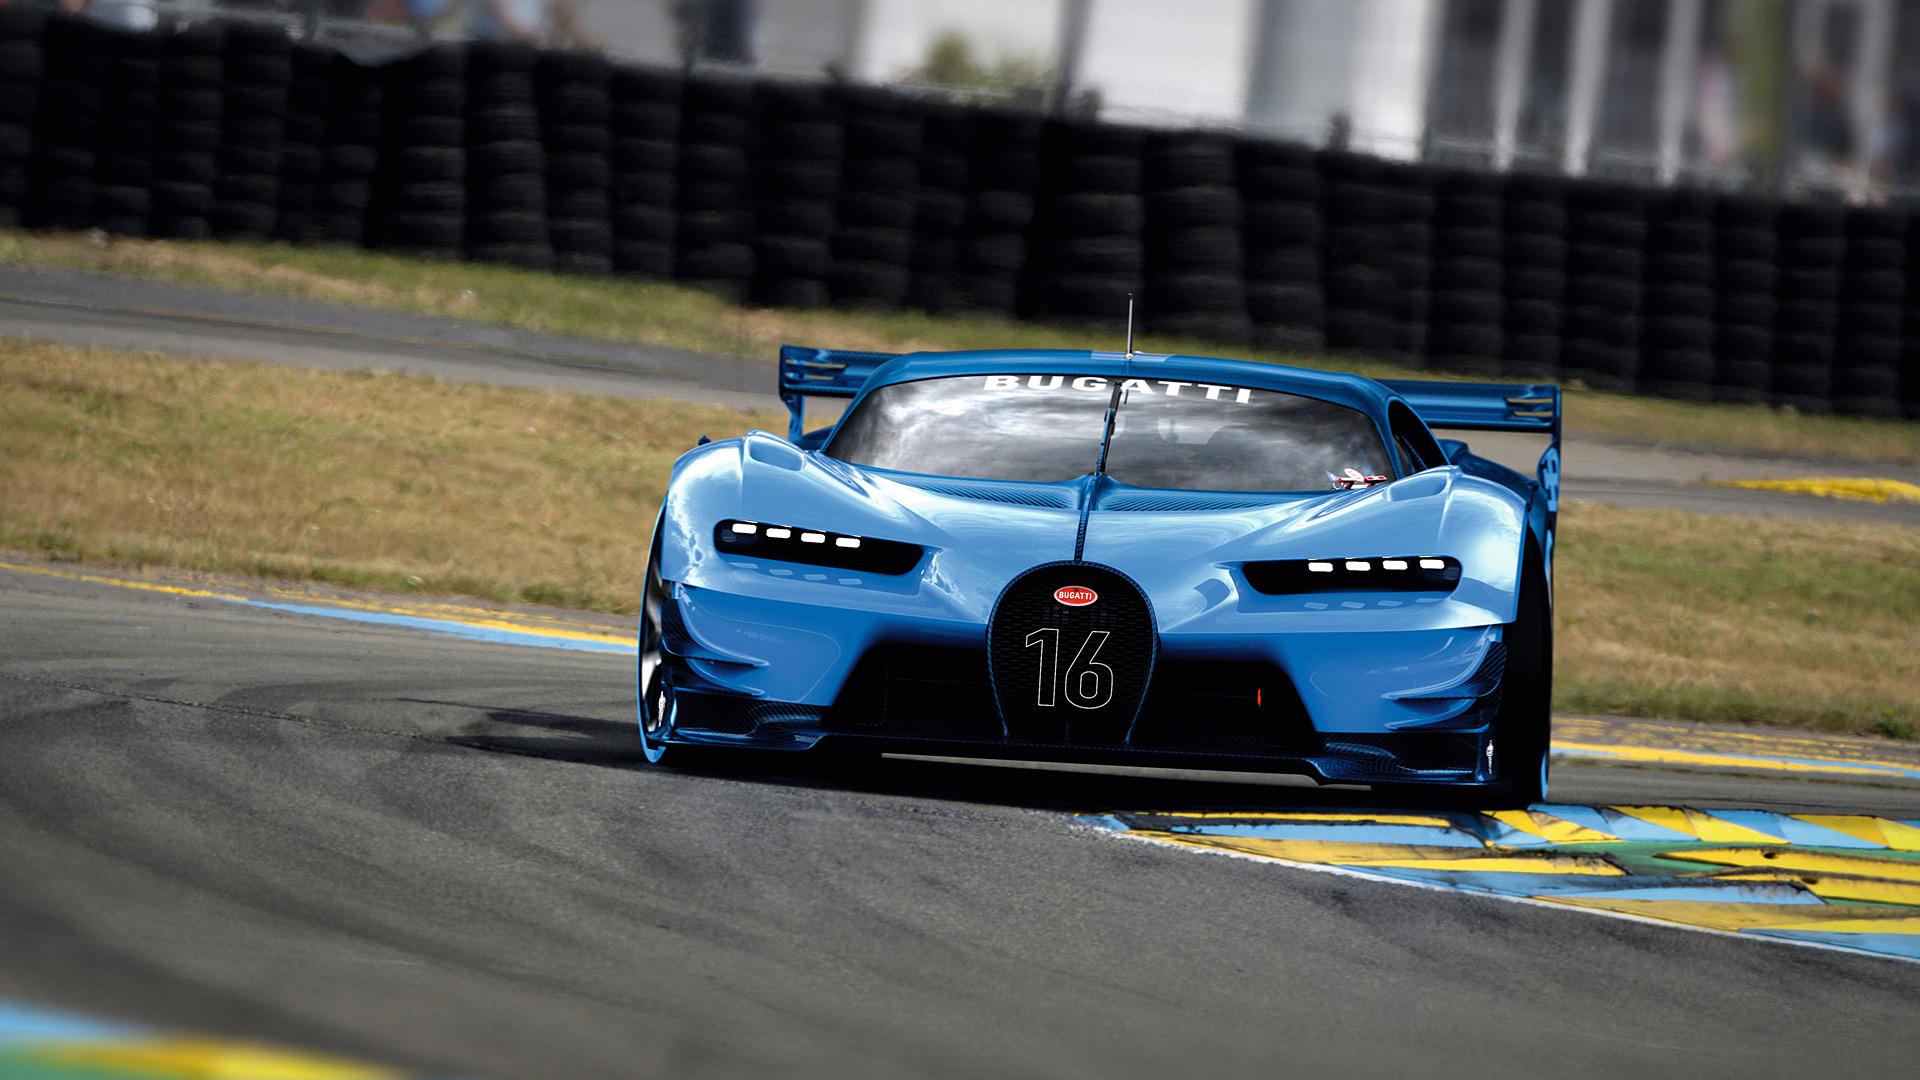 2015 Bugatti Vision Gran Turismo Concept Wallpapers Specs 1920x1080